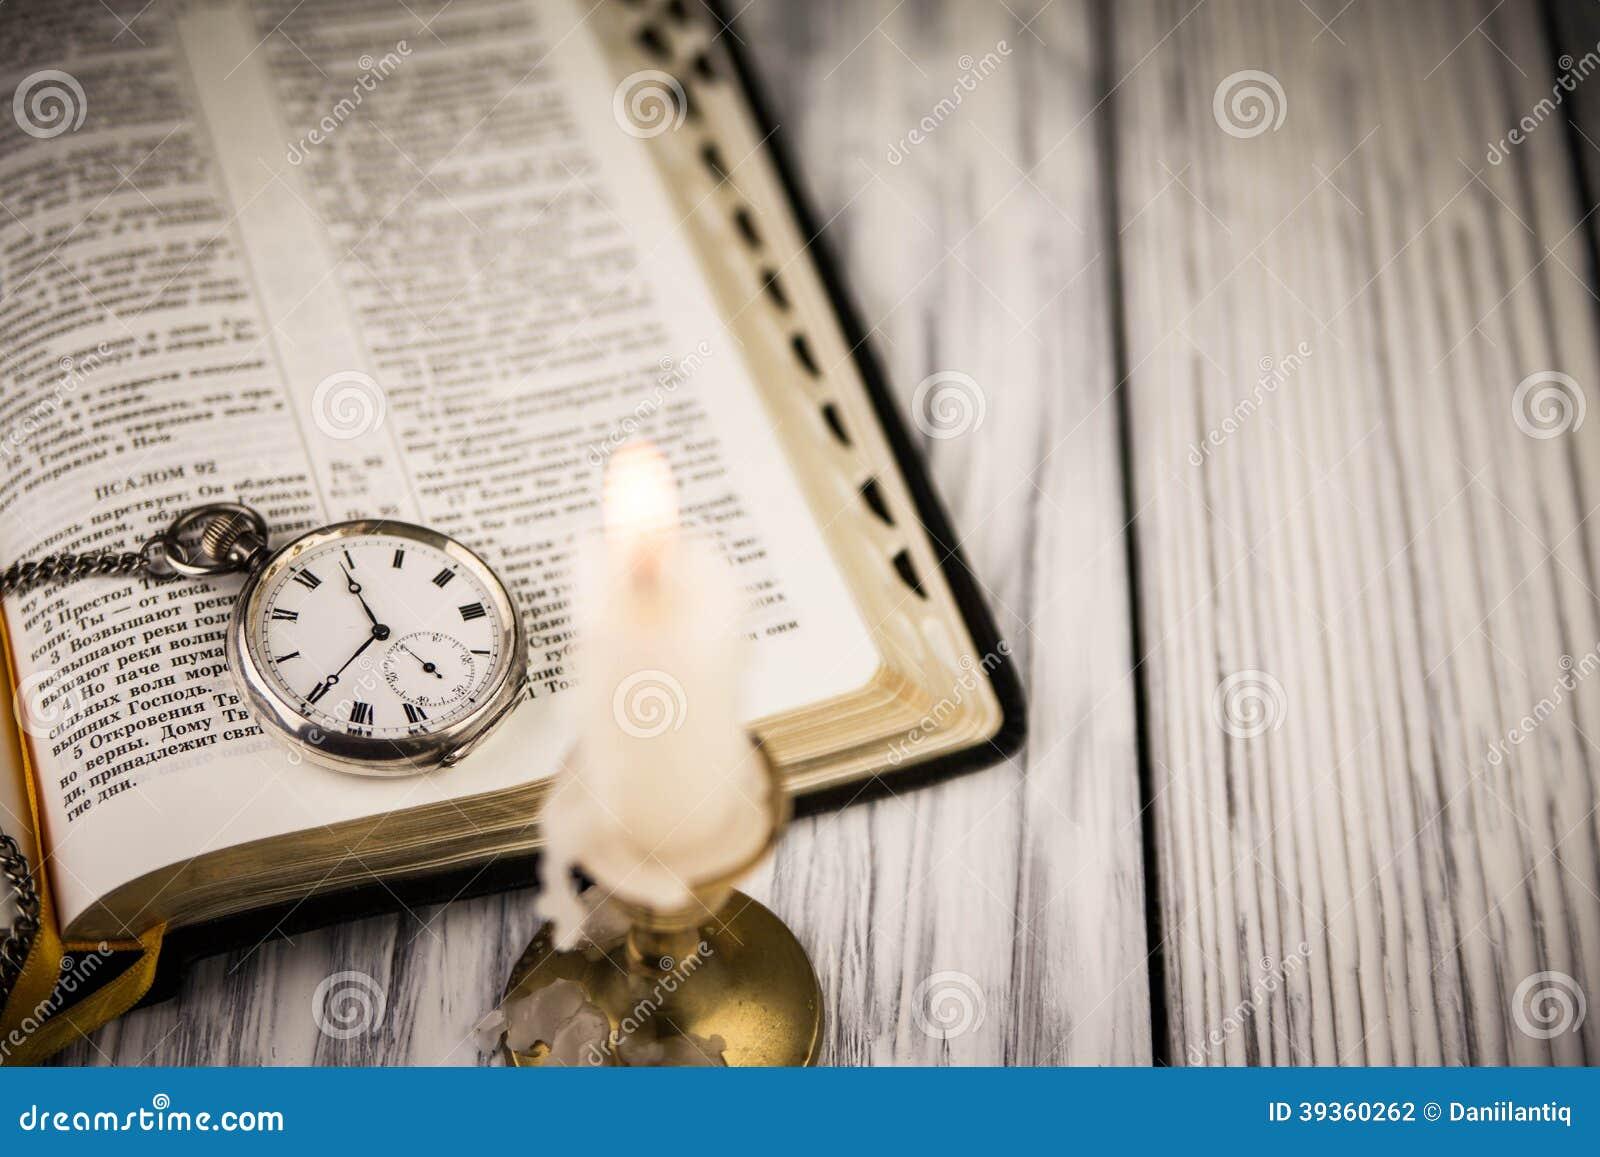 La Biblia Abierta Foto De Archivo. Imagen De Marrón